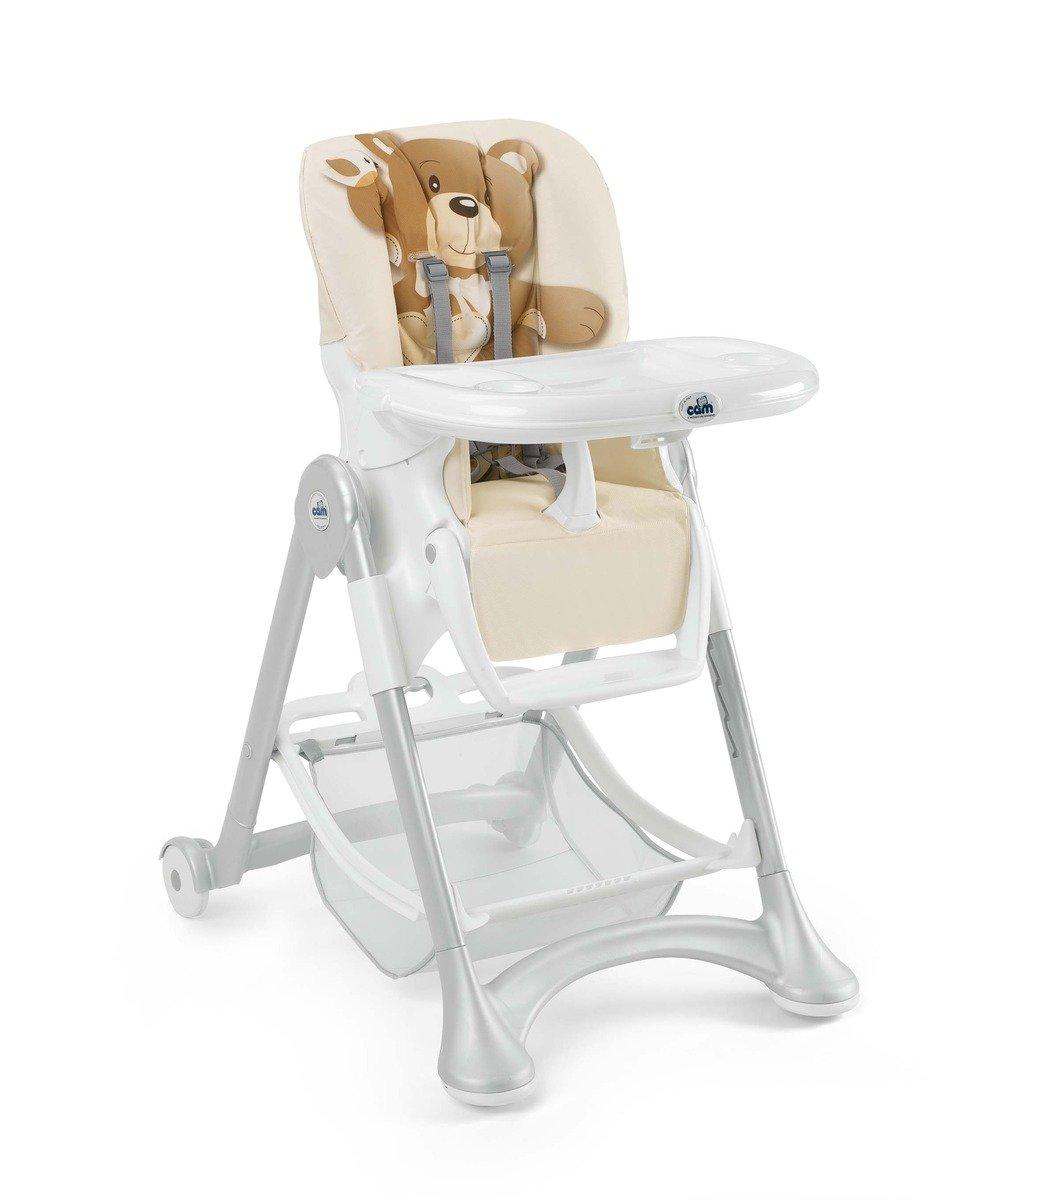 意大利 Campione 摺合餐椅